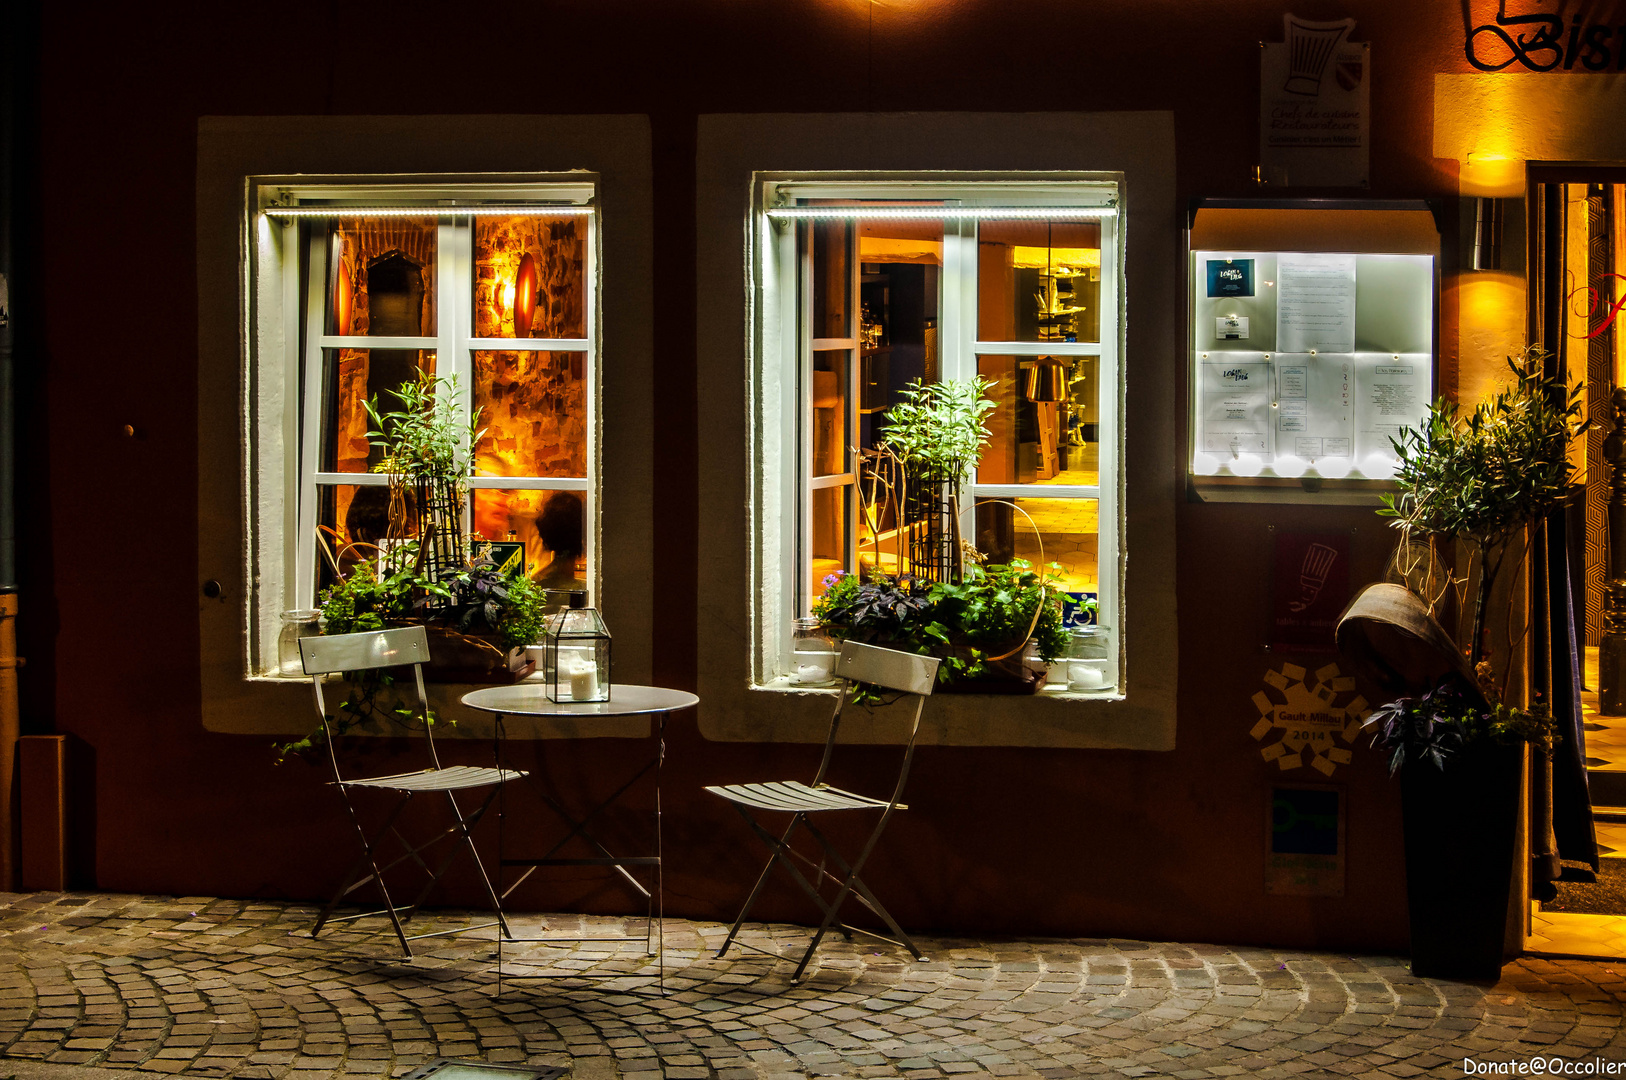 Gemütlich Foto Bild Europe France Alsace Elsass Bilder Auf